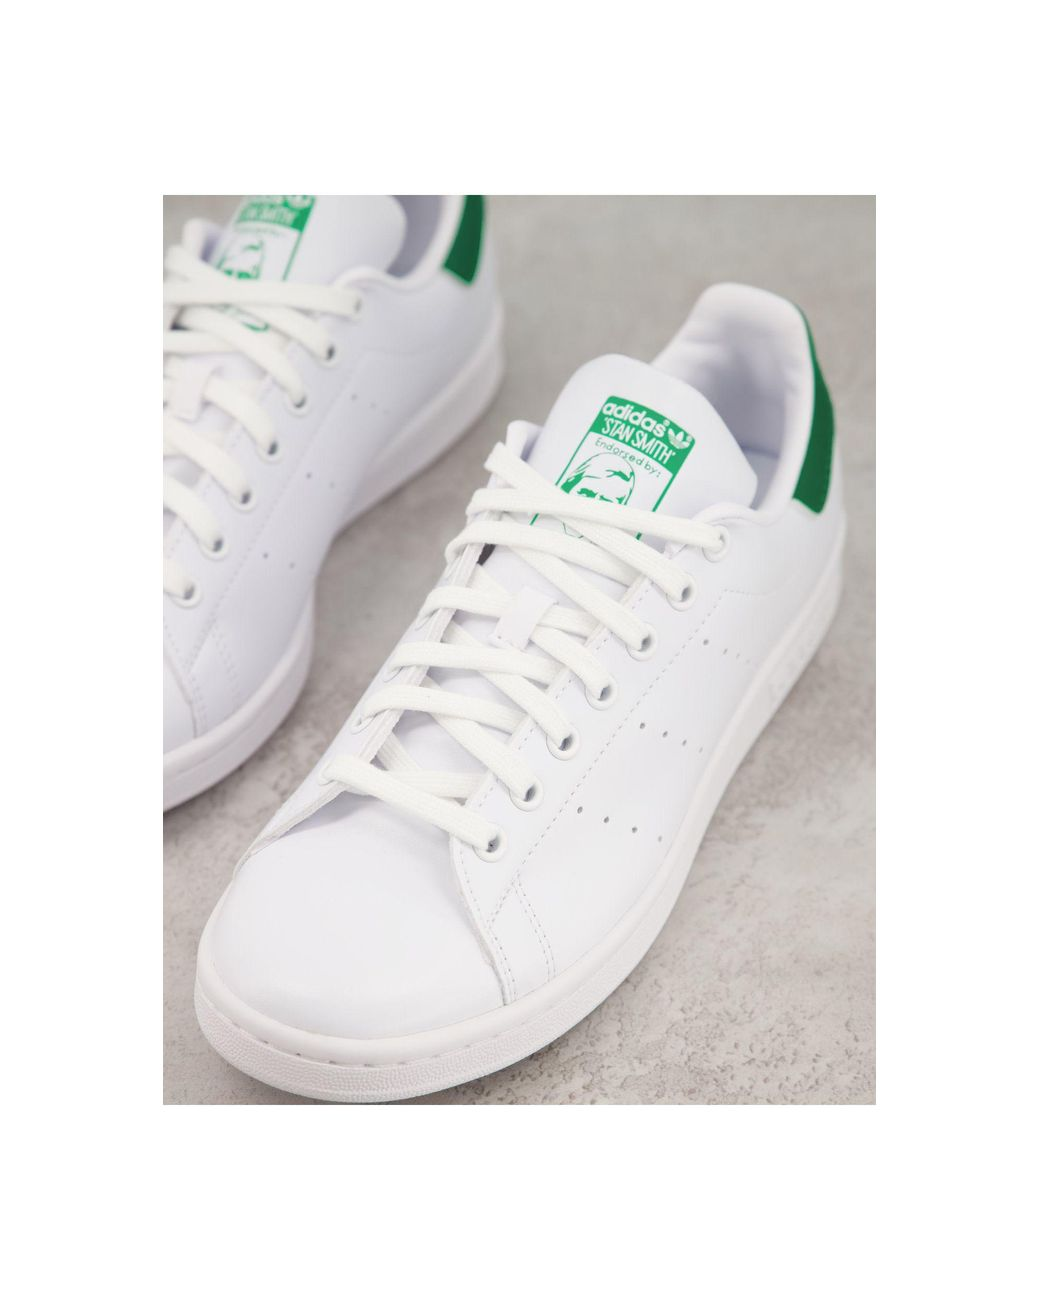 Stan Smith - Baskets durables à languette verte Caoutchouc adidas ...